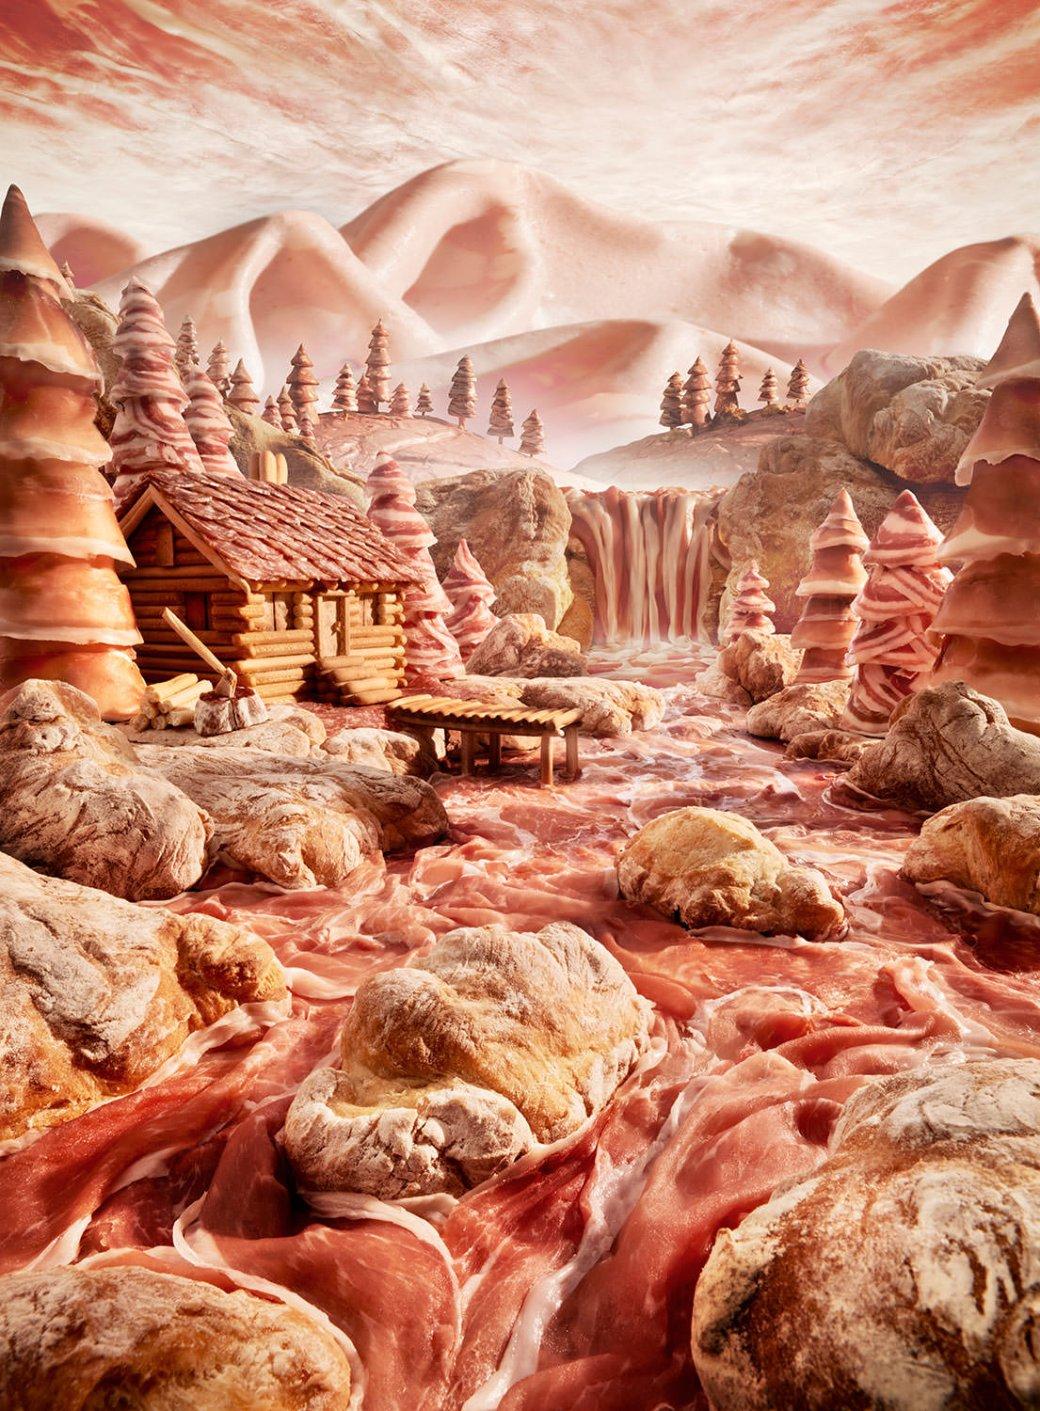 Фотограф создает сказочные пейзажи, используя только еду   Канобу - Изображение 13813